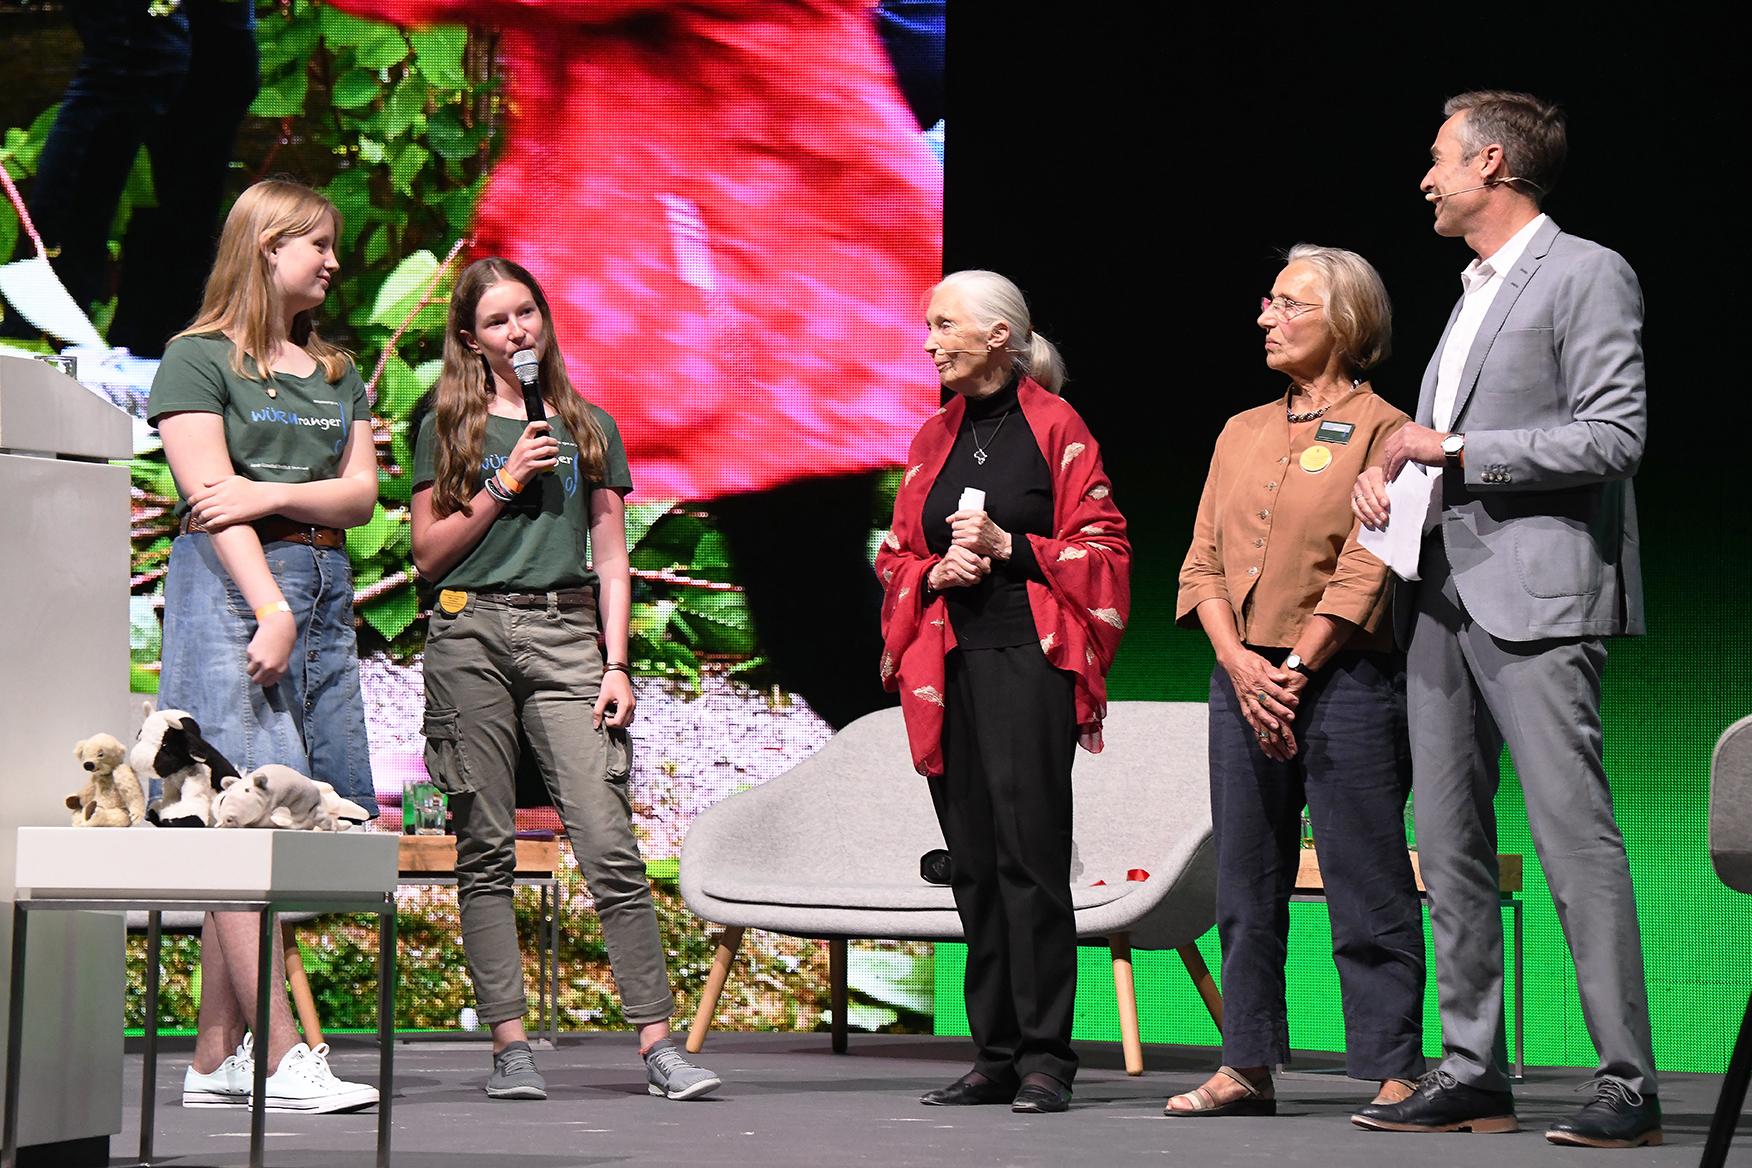 Von rechts nach links: Dirk Steffens, Ursula Schleibner, Jane Goodall, Mara Vohler, Viktoria Metzger